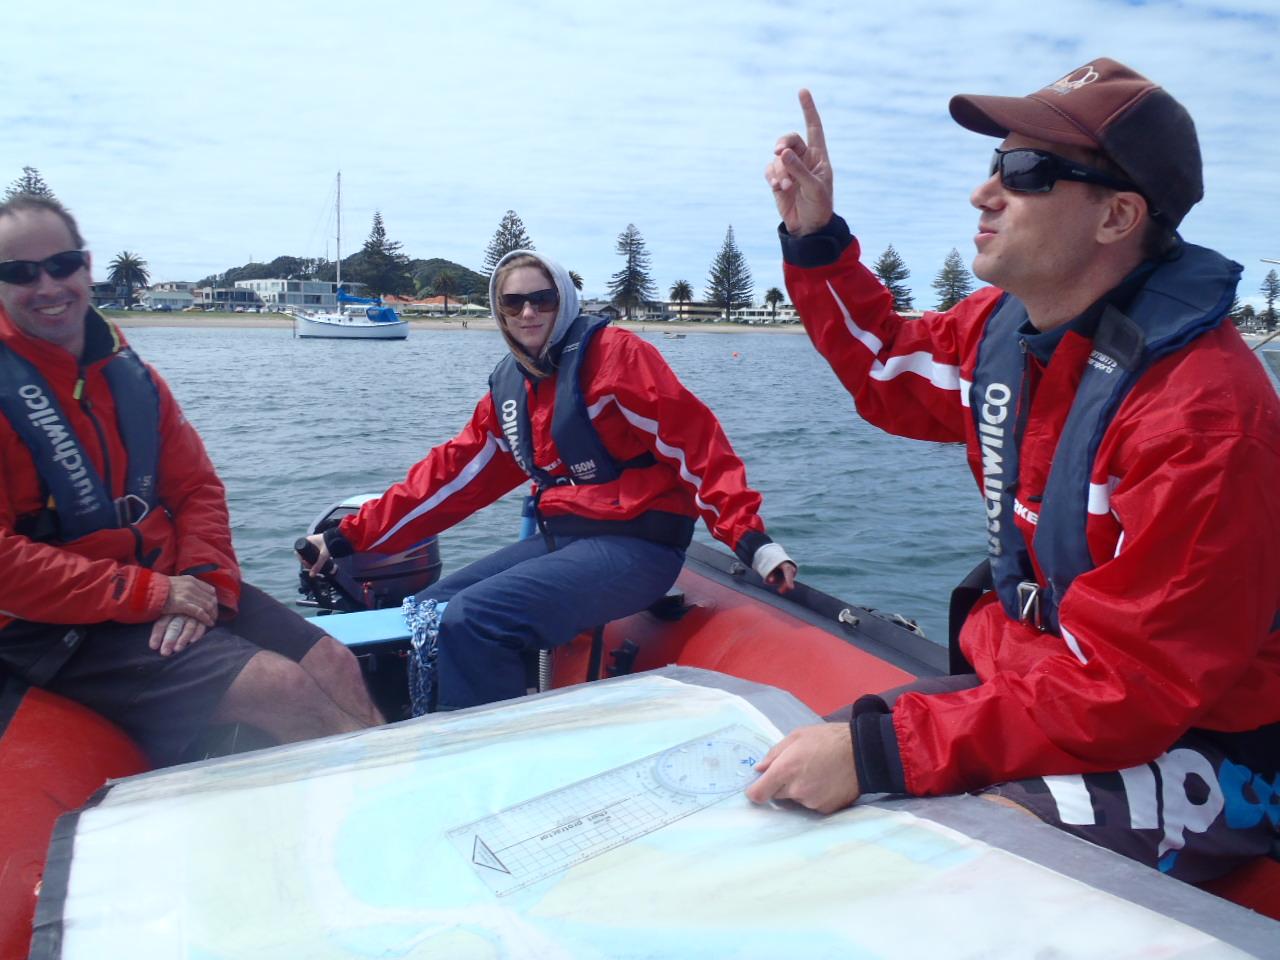 rya powerboat level 2 maxxon chart work.JPG